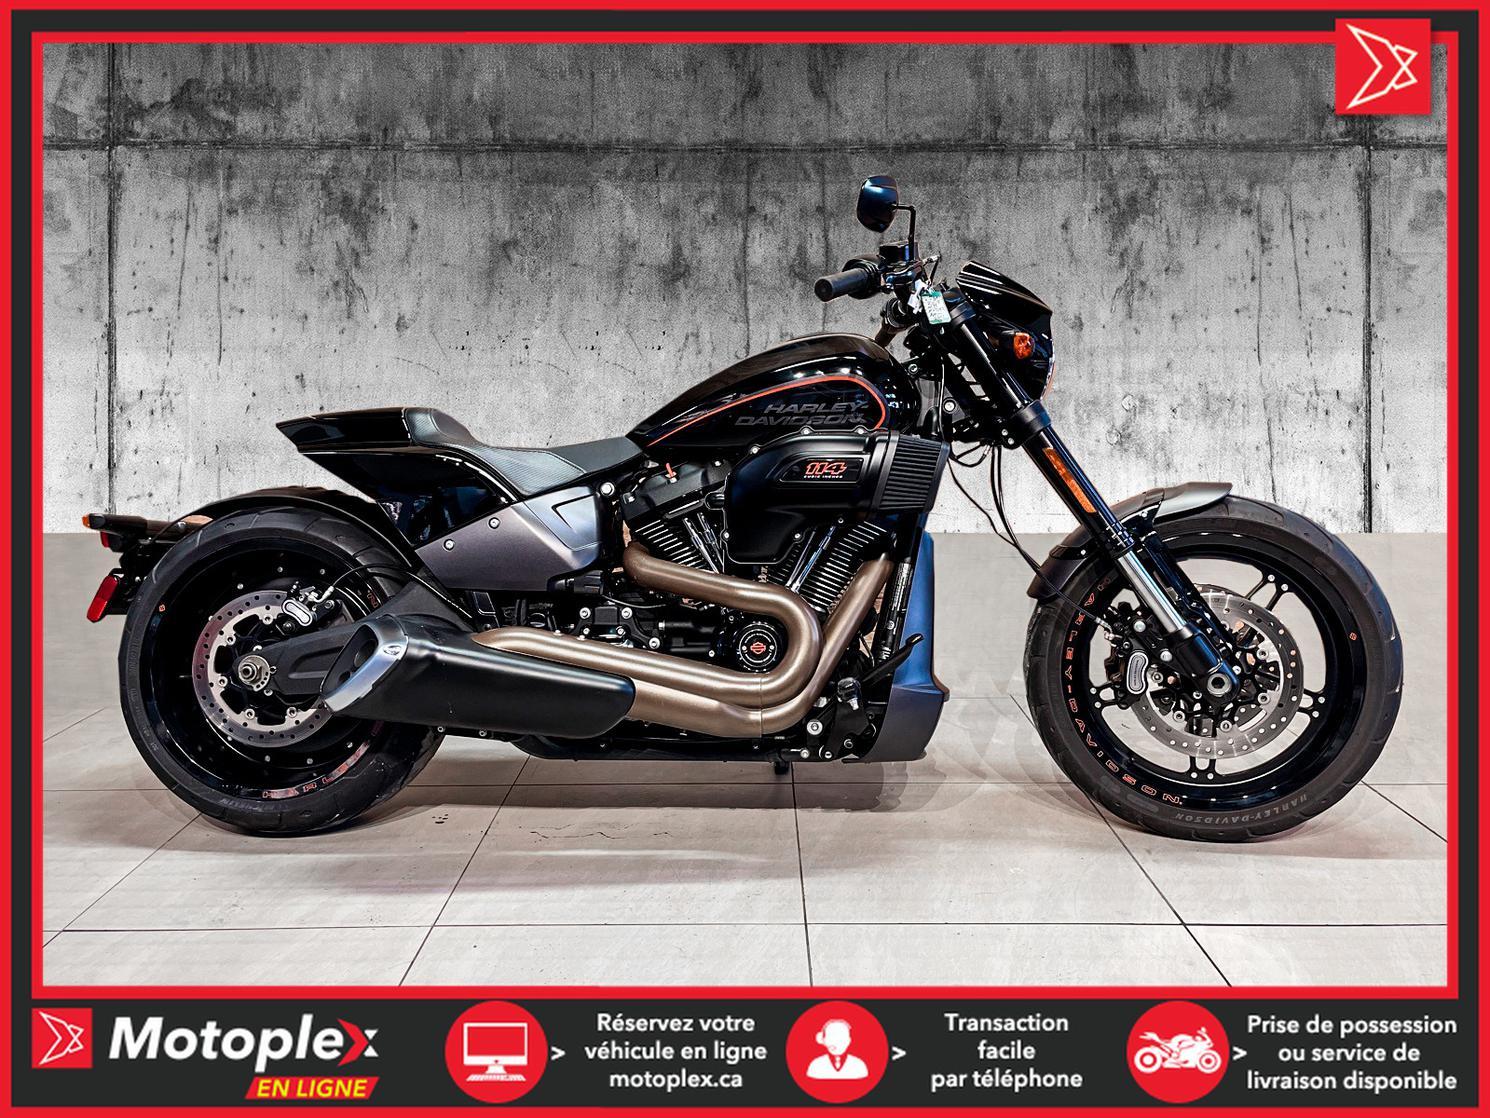 U4885 Harley-Davidson FXDRS 114 2019